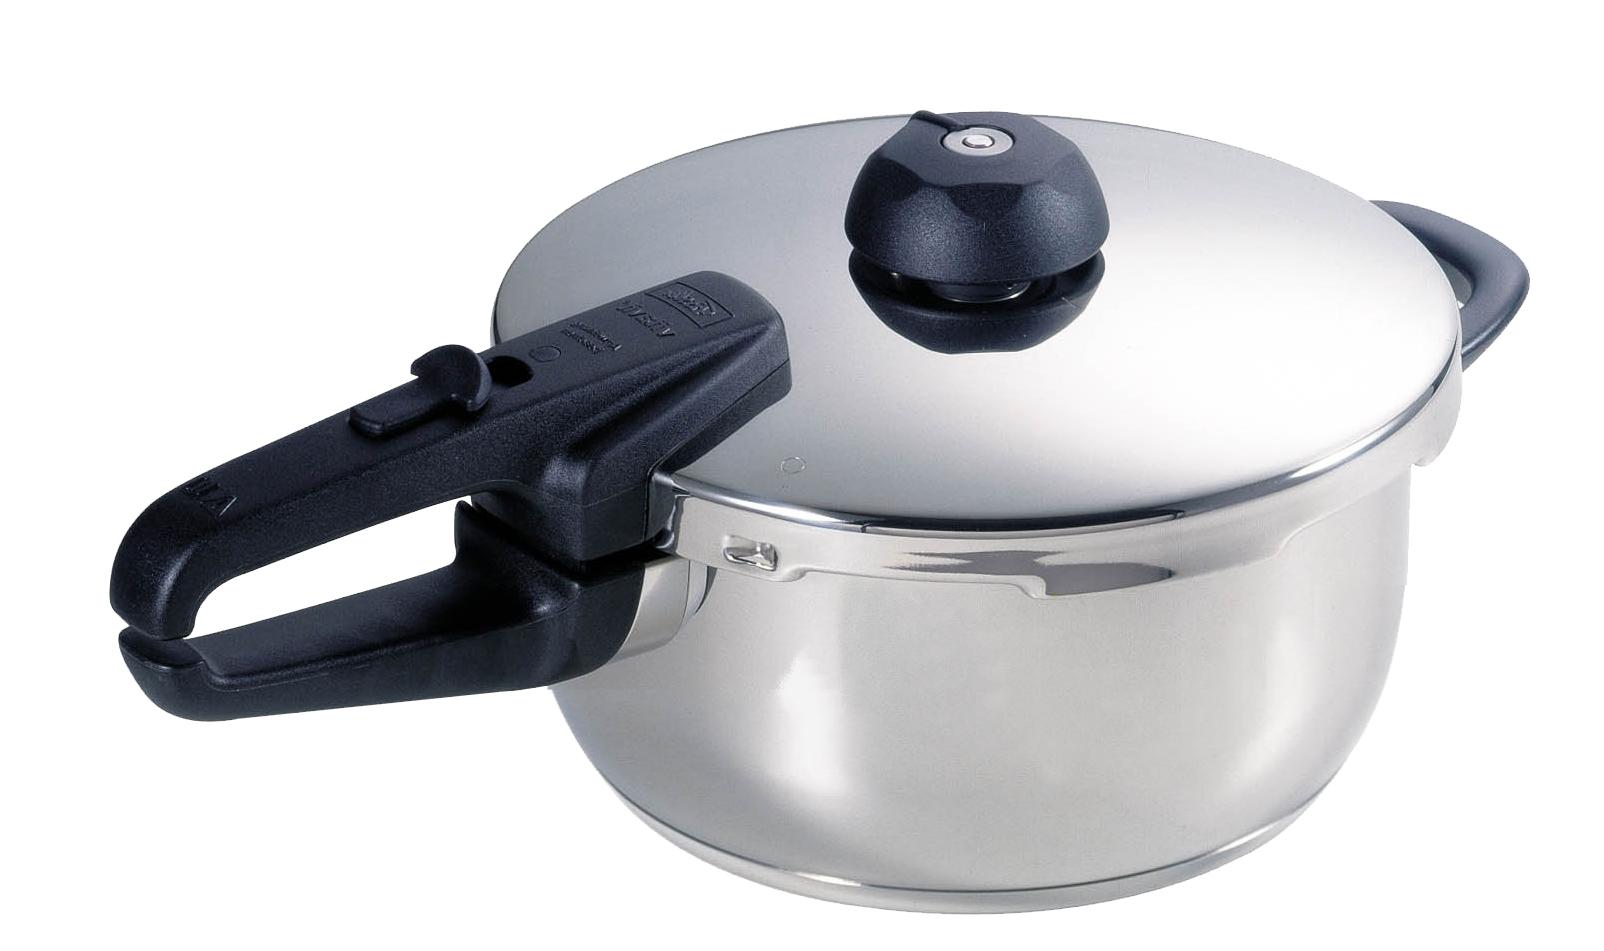 fissler vitavit rh eilee net pressure cooker manual presto pressure cooker manuals free download pdf